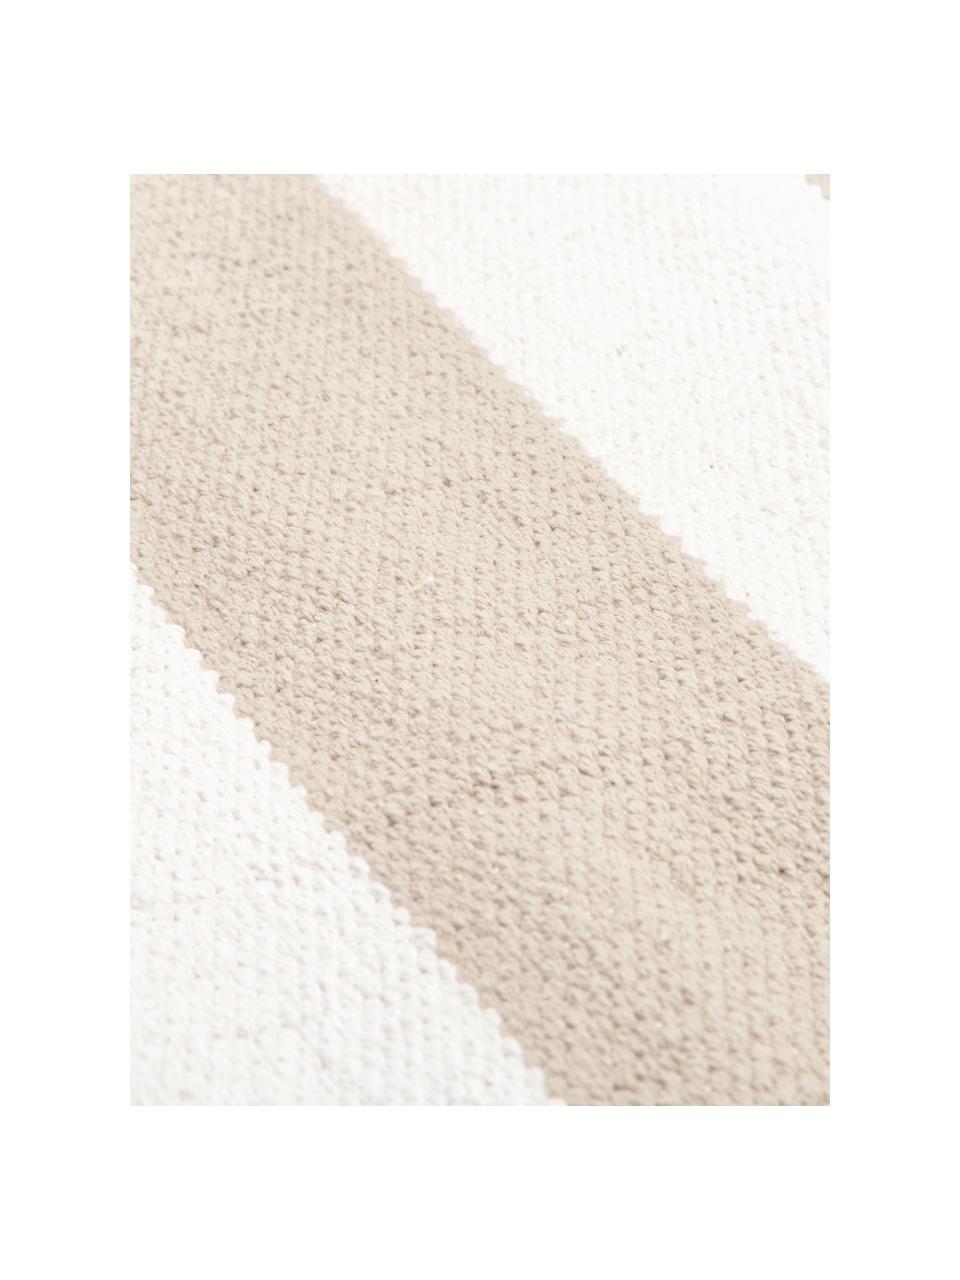 Gestreifter Baumwollteppich Blocker in Taupe/Weiß, handgewebt, 100% Baumwolle, Beige, B 200 x L 300 cm (Größe L)